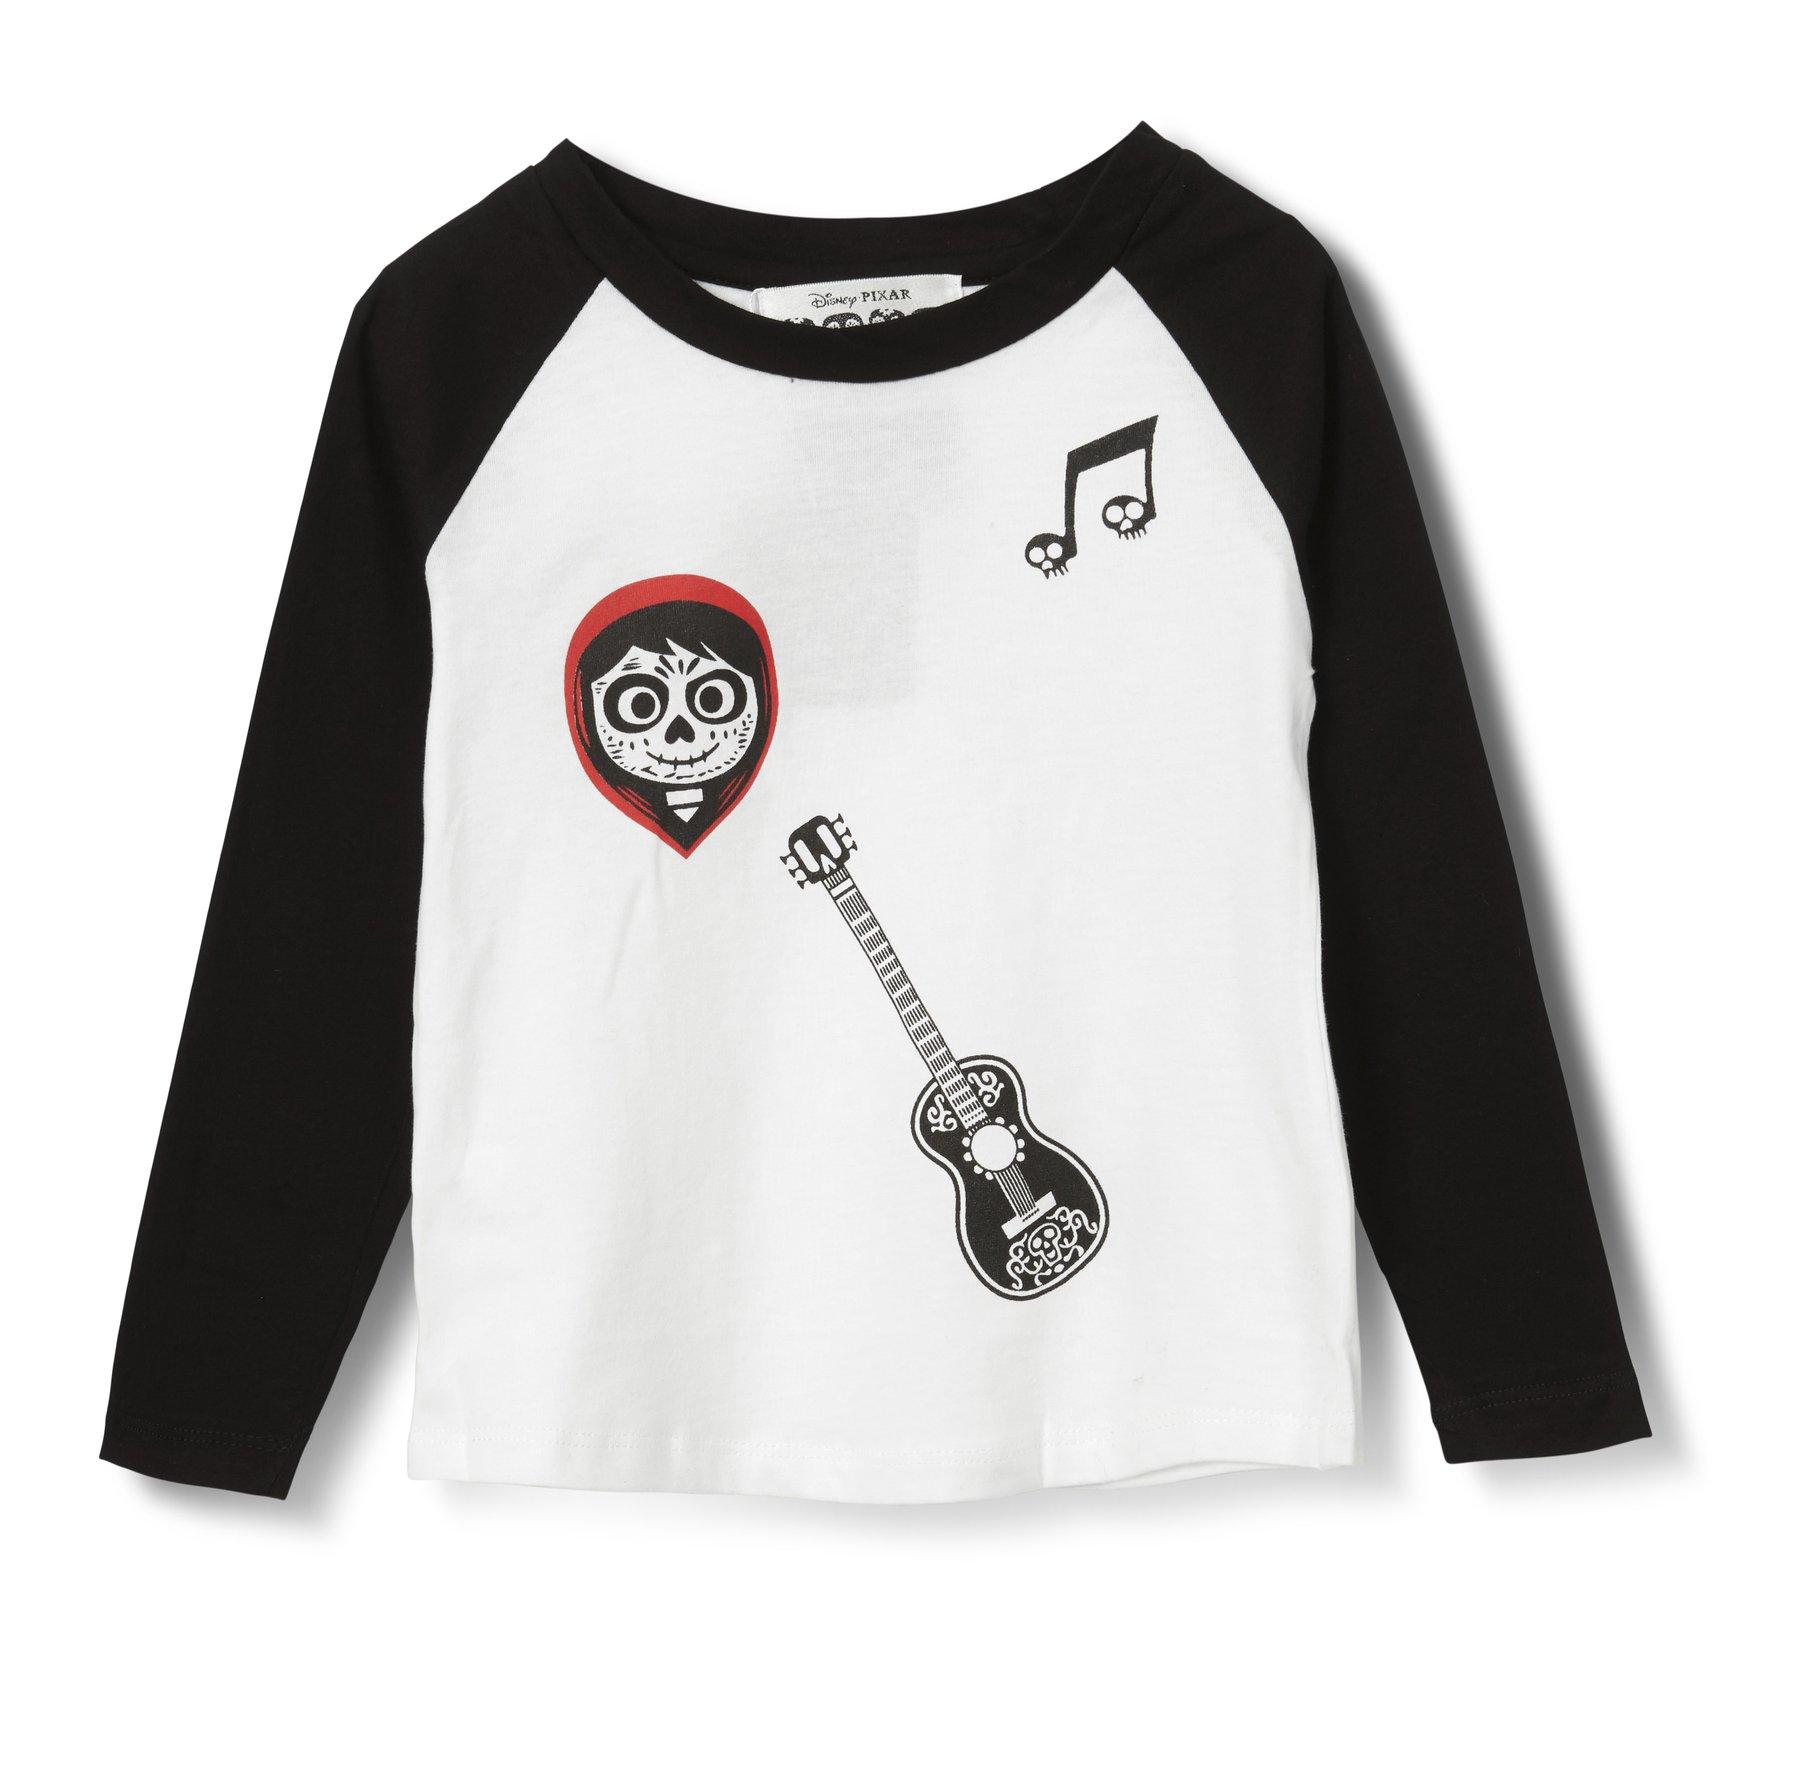 חולצה אמריקאית קוקו - שחור לבן